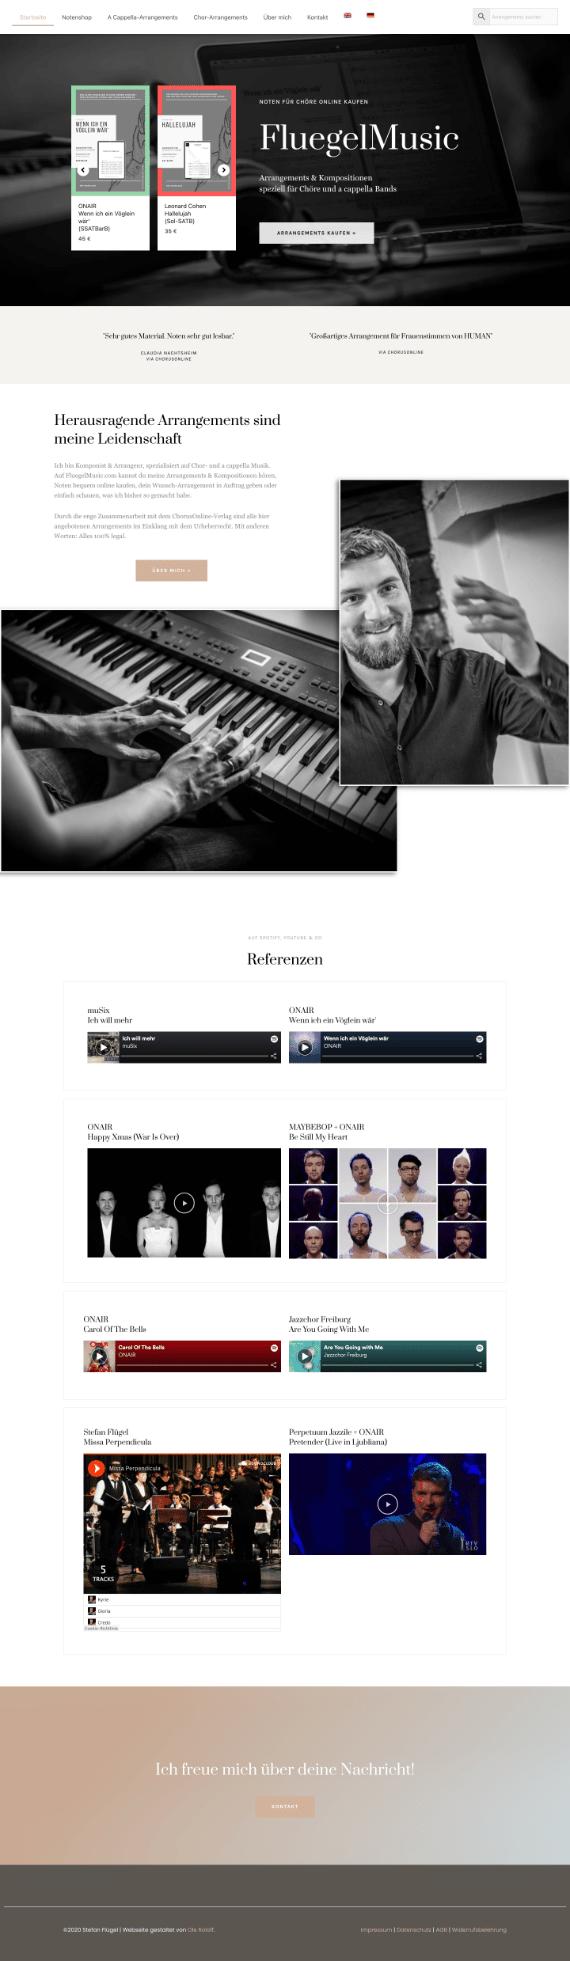 WordPress-Webdesign Referenz: Onlineshop Flügel Music